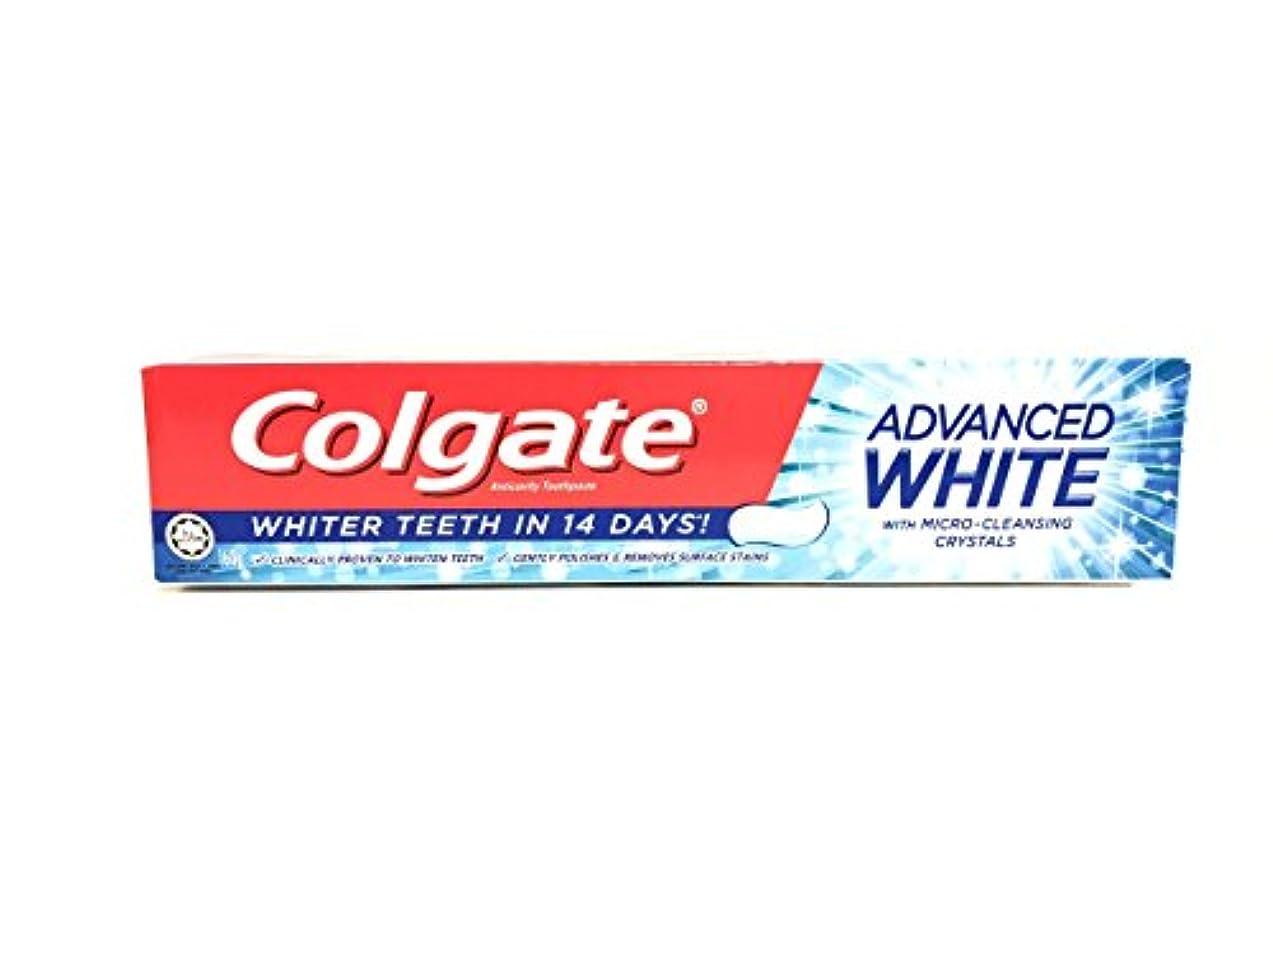 ブル年金受給者レスリング[ARTASY WORKSHOP®][並行輸入品] Colgate コルゲート 歯磨き粉 美白 ADVANCED WHITE 美白歯磨剤 虫歯予防 歯周病ケア 口臭改善 ホワイトニング (ADVANCED WHITE)